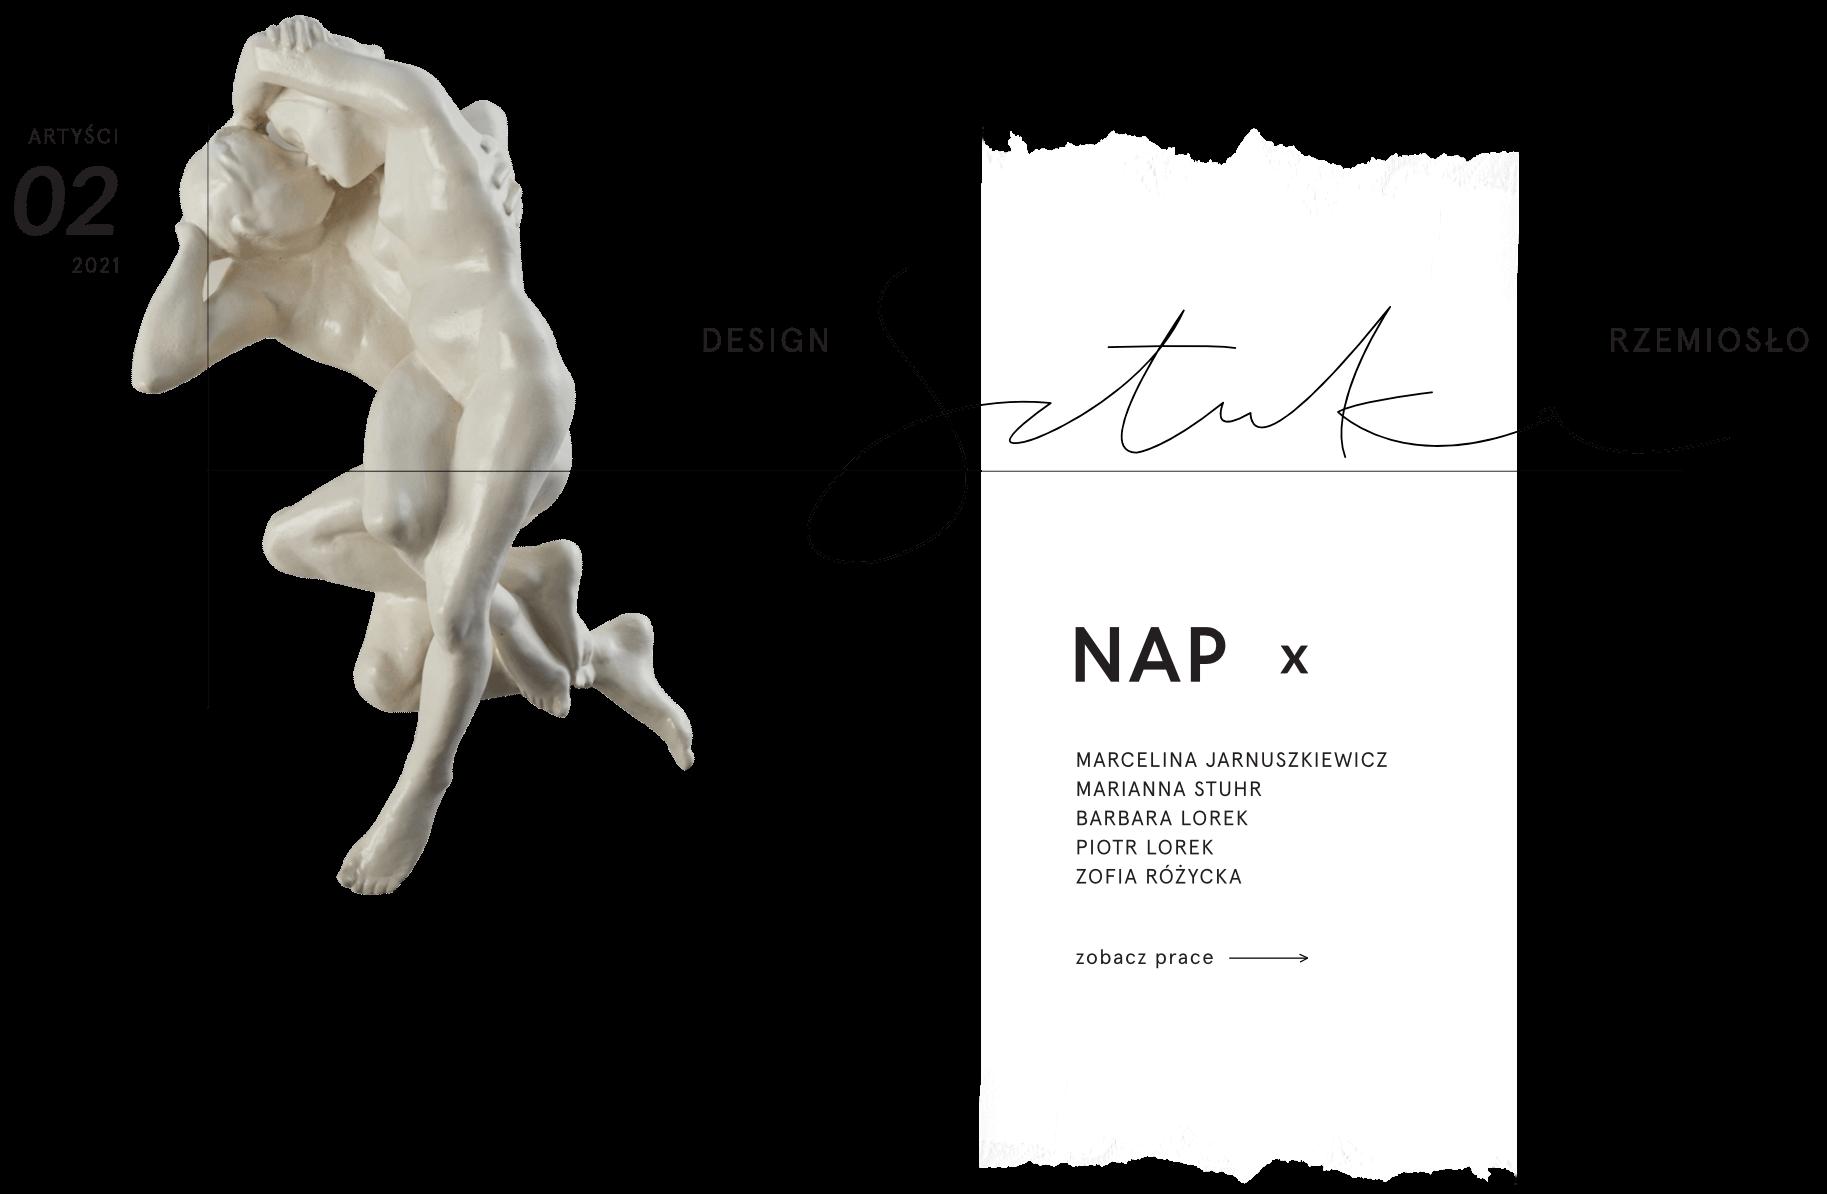 Design Sztuka Rzemiosło